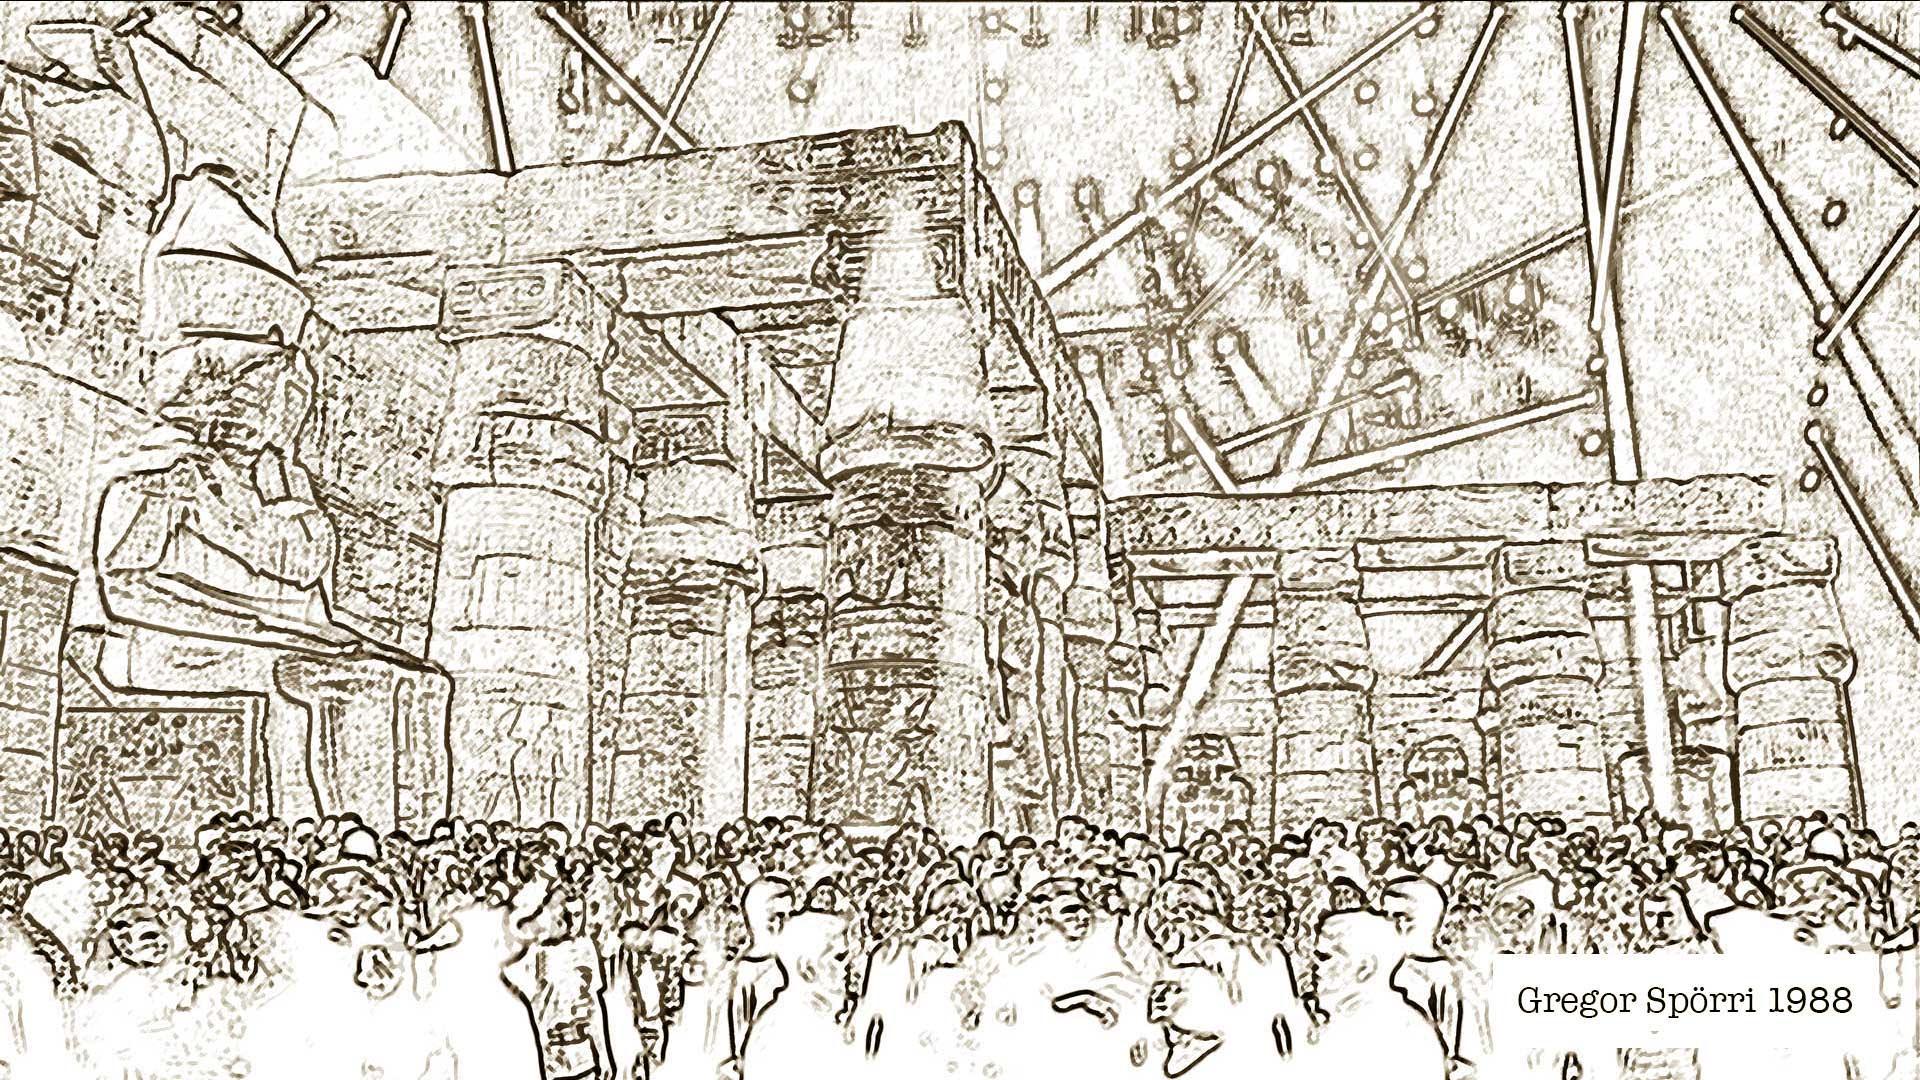 Gregor Spörris Konzeptstudie eines Disco-Clubs im altägyptischen Stil (1988).